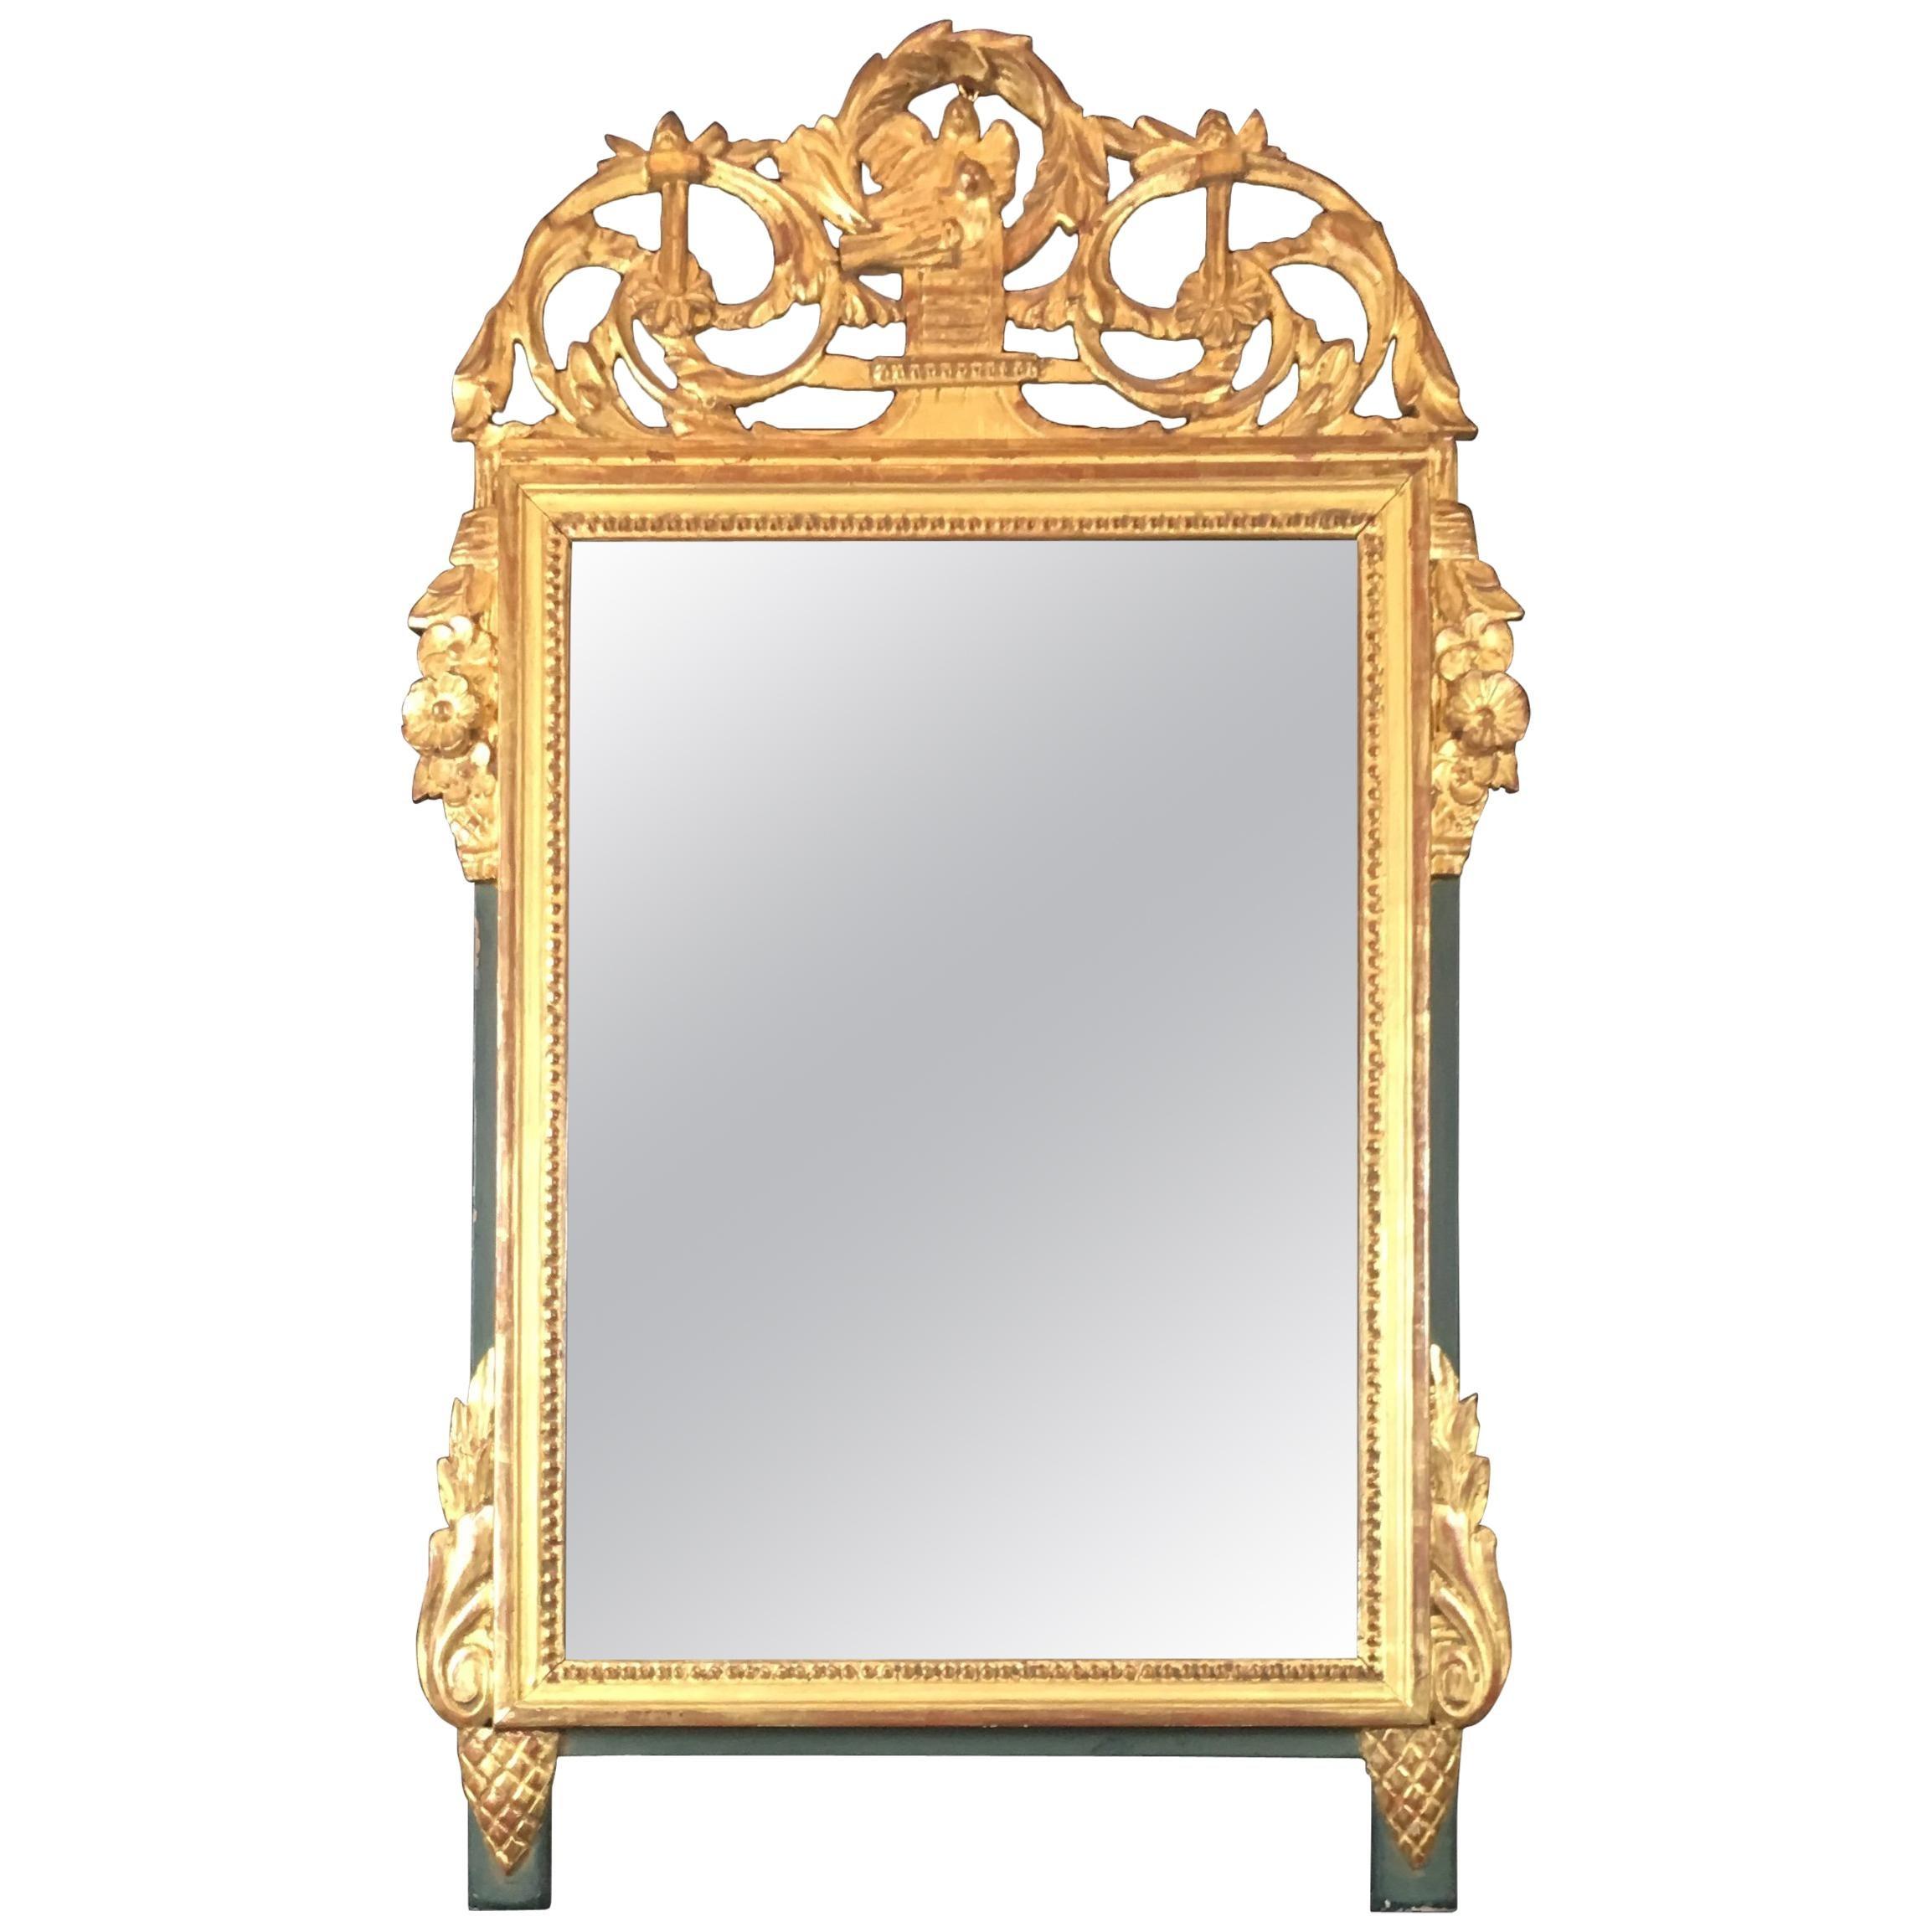 French Louis XVI Style Gilt Wall Mirror